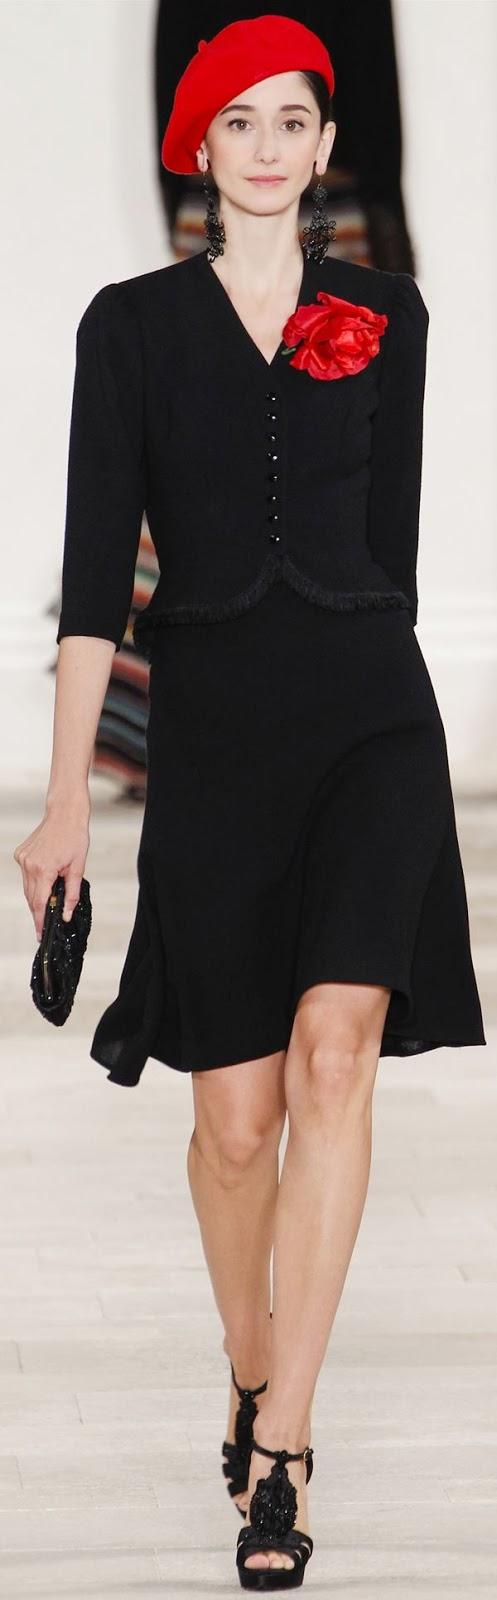 Ralph Lauren 2013 - Amazing black dress